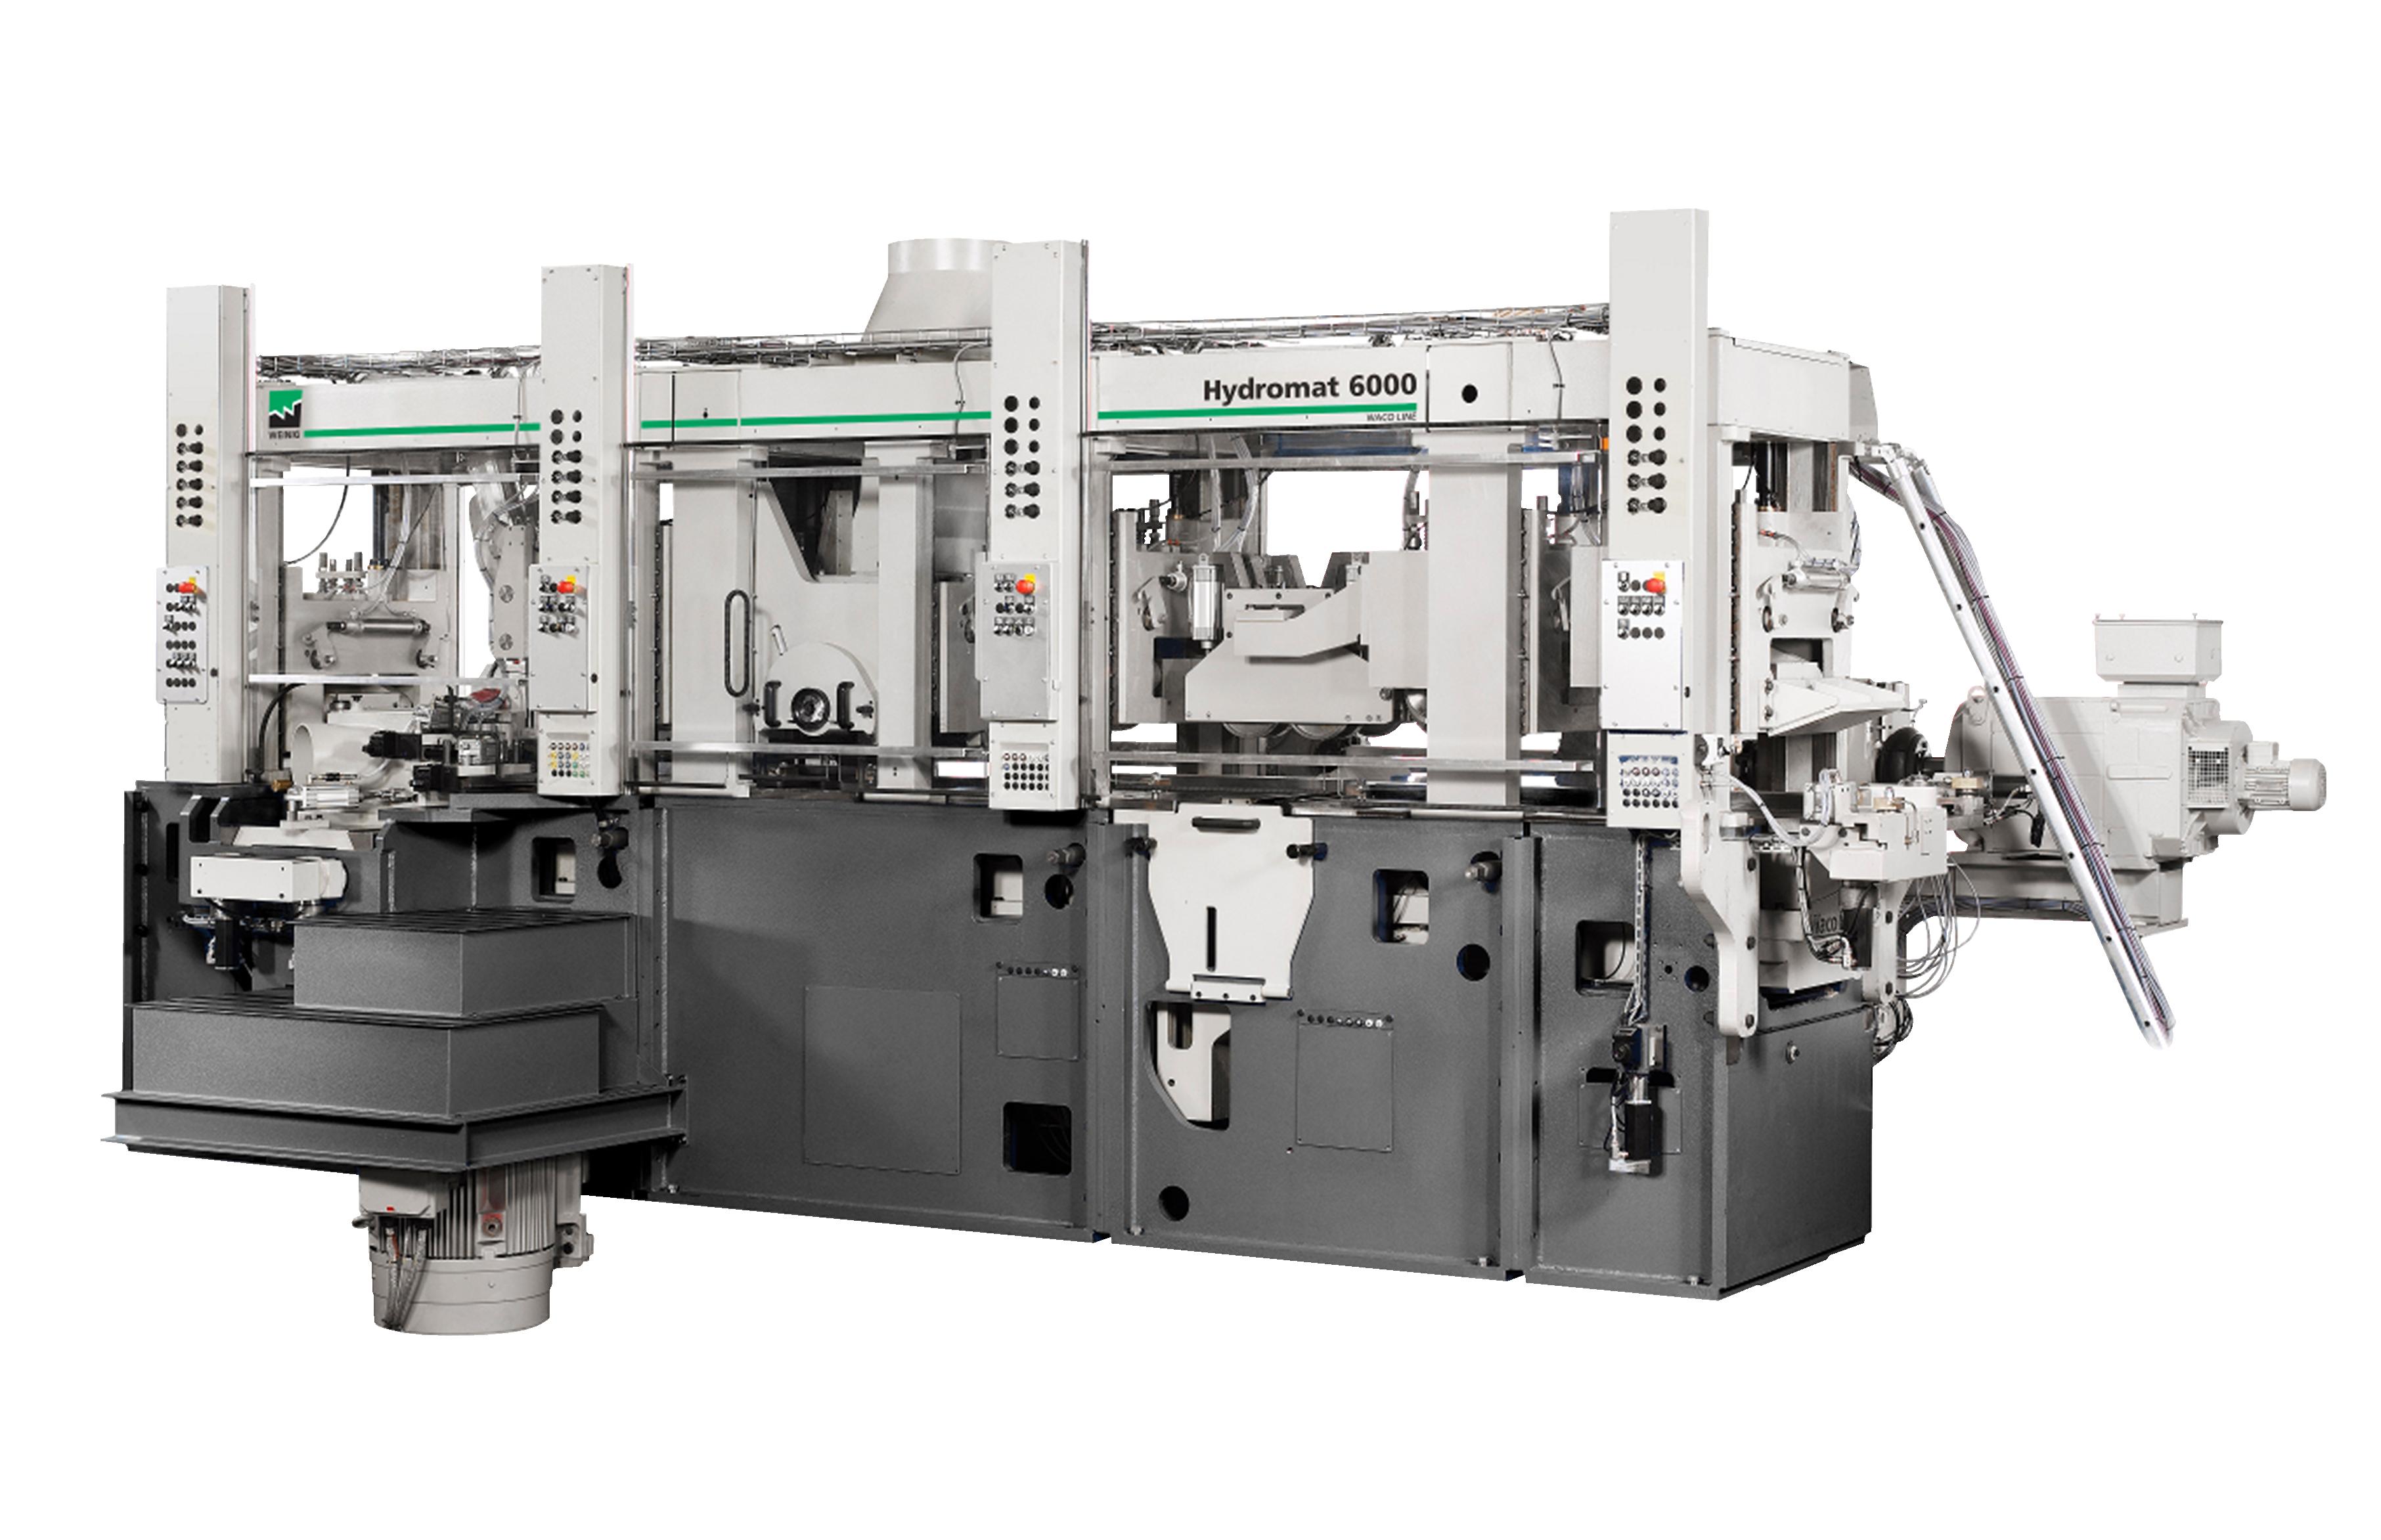 Cepilladora y moldurera de la Serie WEINIG Hydromat: la extraordinaria combinación de estabilidad y flexibilidad garantiza superficies de excelente calidad y una alta capacidad de producción